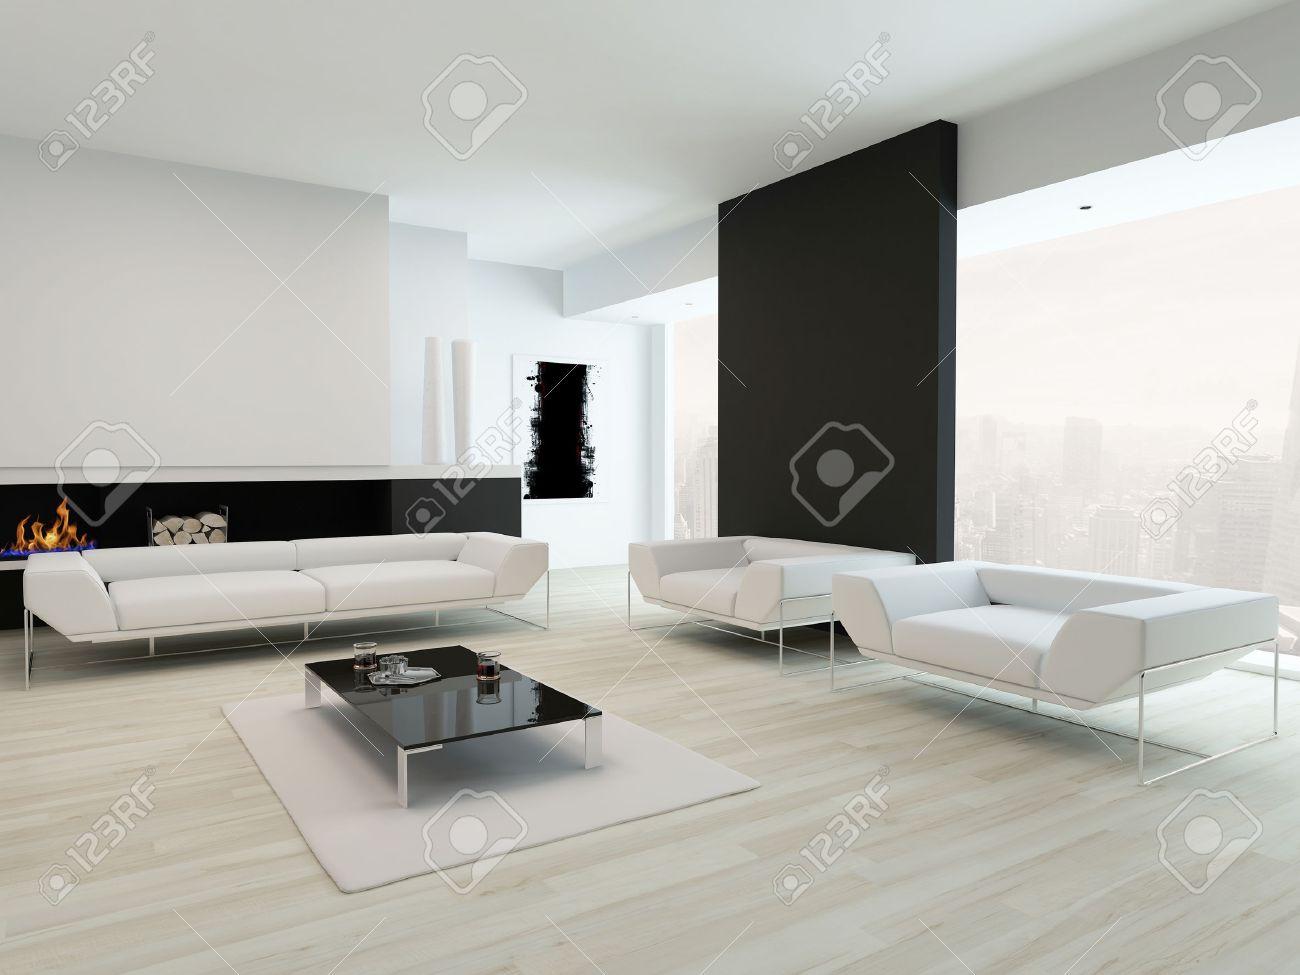 Moderne Zeitgenössische Schwarz Weiß Wohnzimmer Innenraum Standard Bild    28772332